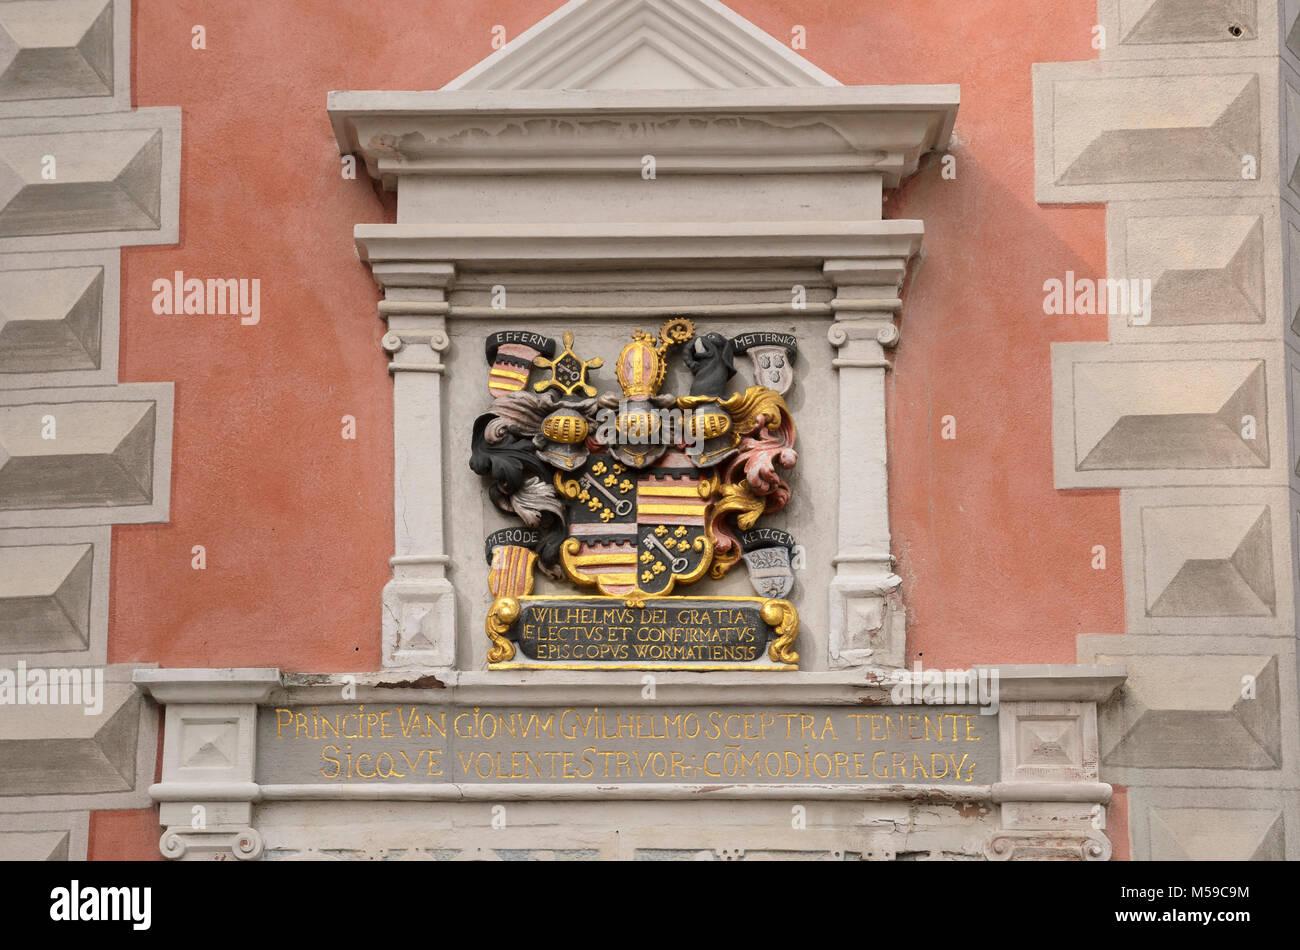 Bischofshof, Ladenburg, Baden-Württemberg, Deutschland - Stock Image